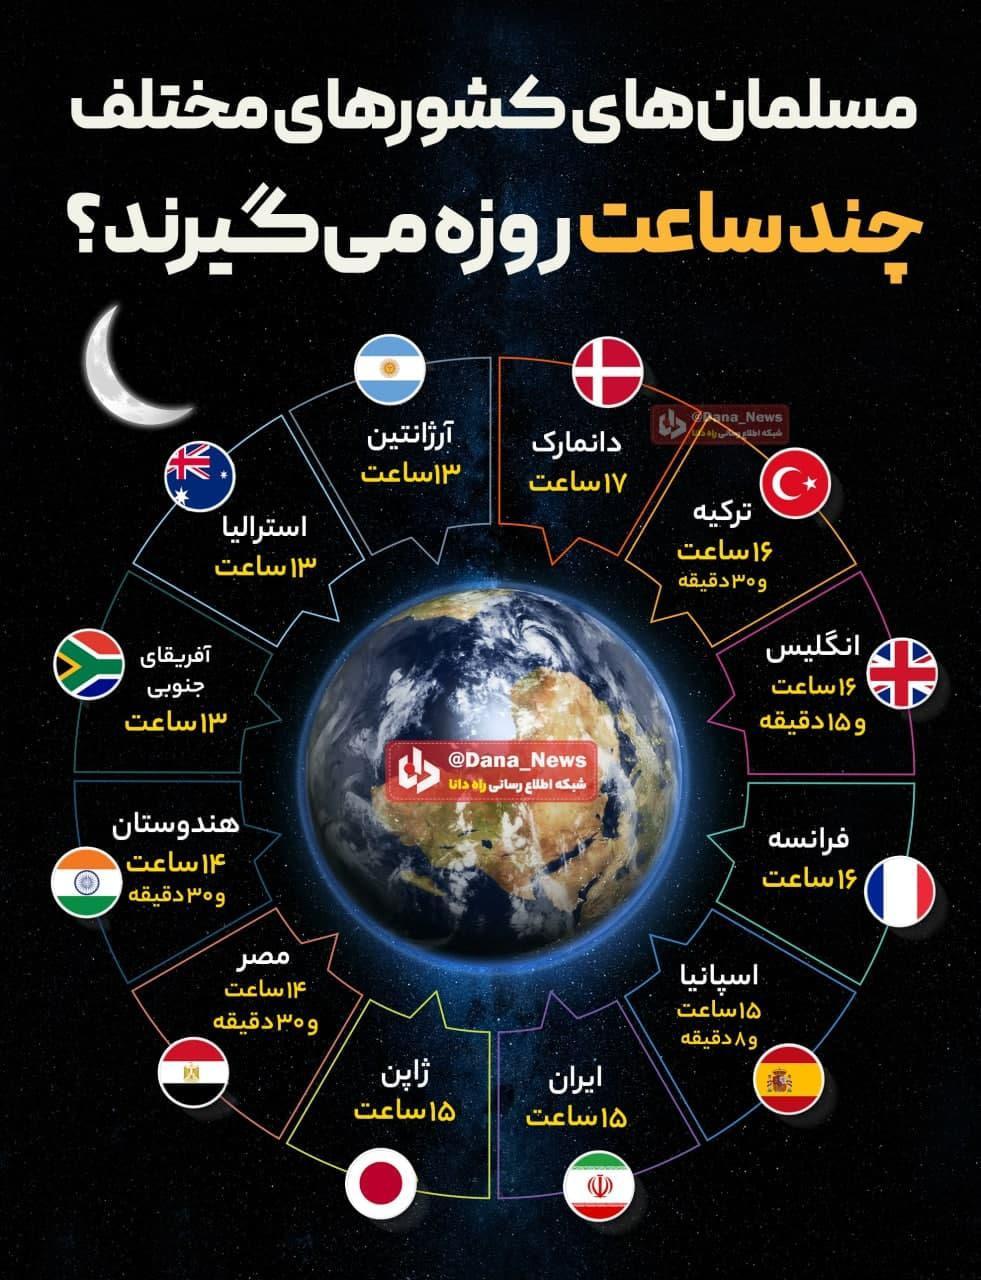 عکس   مسلمانهای کشورهای مختلف چند ساعت روزه میگیرند؟